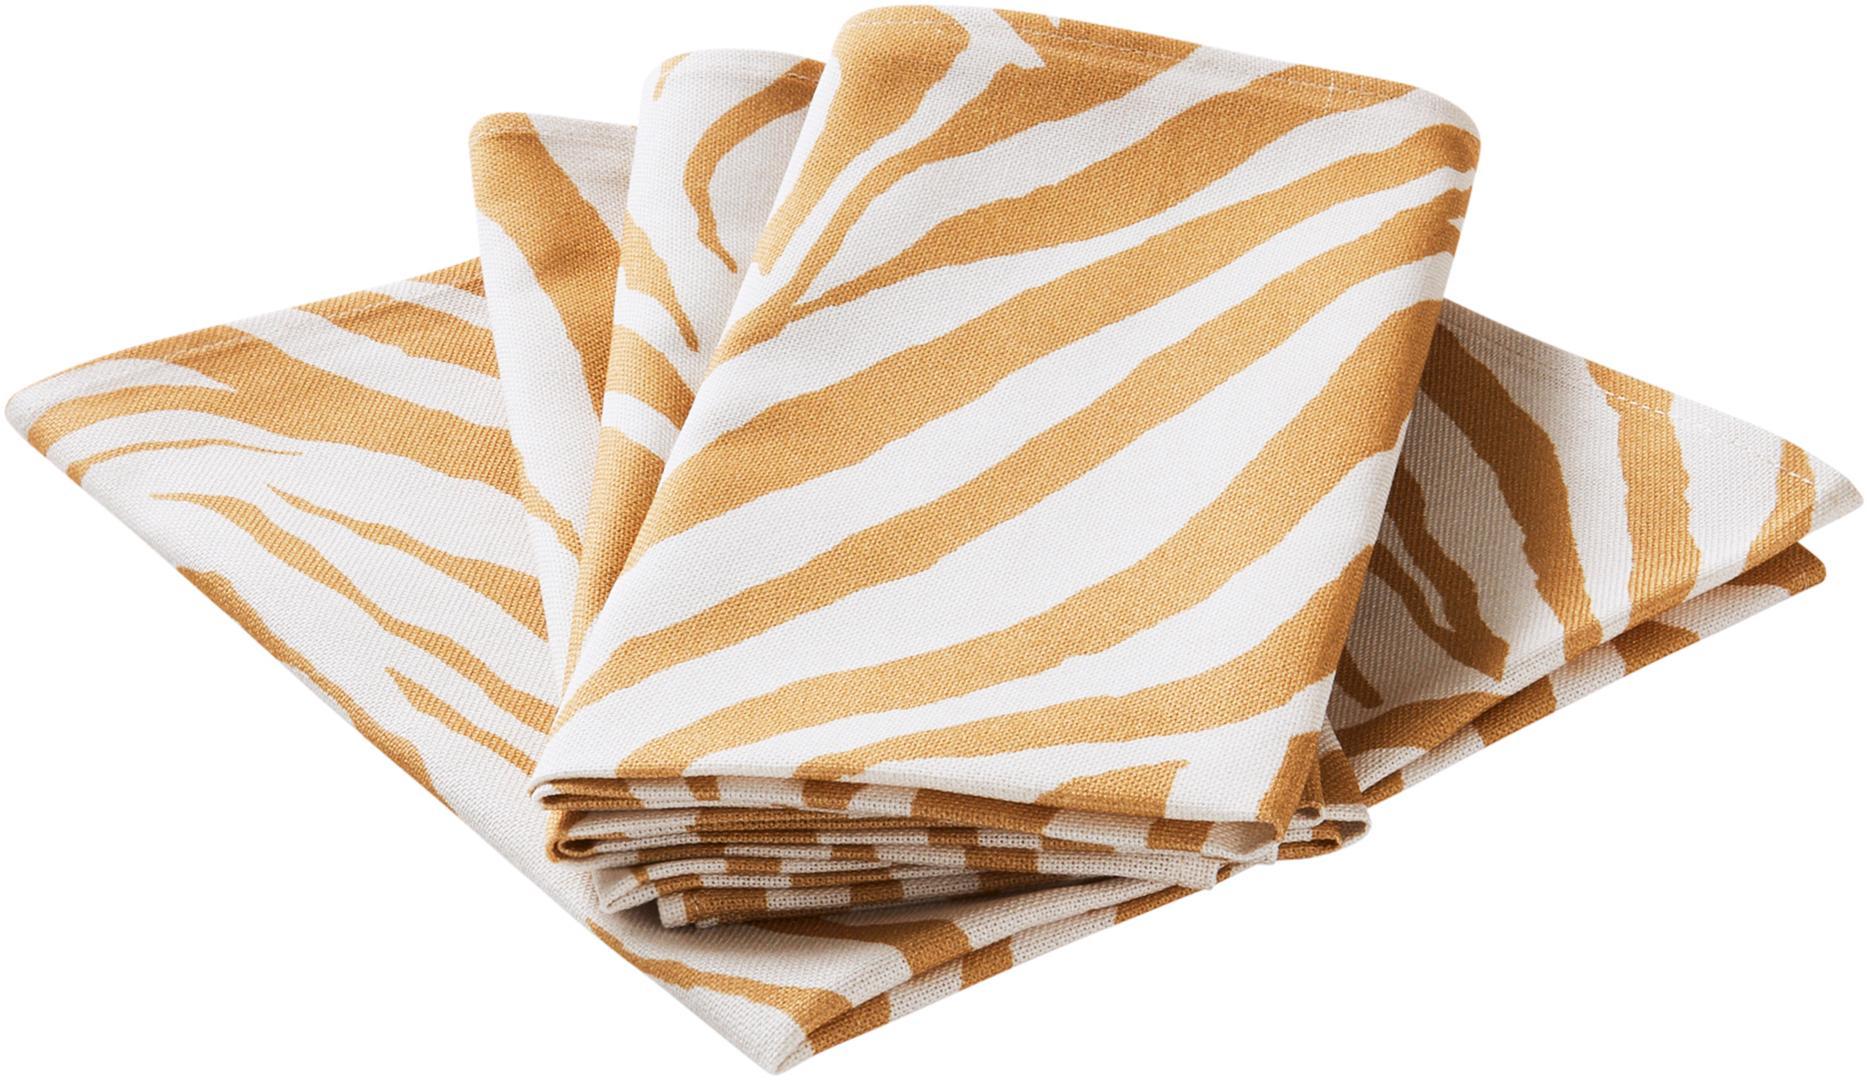 Servilletas de algodón Zadie, 4uds., 100%algodón de cultivos sostenible de algodón, Mostaza, blanco crema, An 45 x L 45 cm